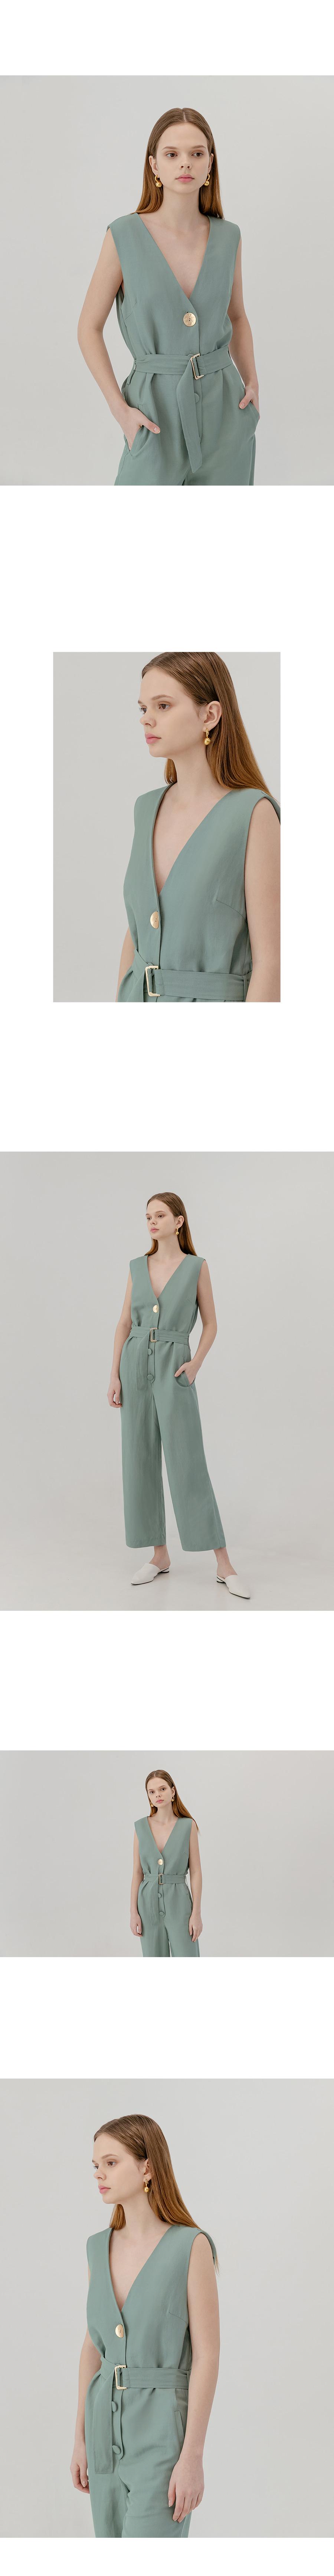 틸 아이 다이(TILL I DIE) Linen contrast button jump suit [mt]